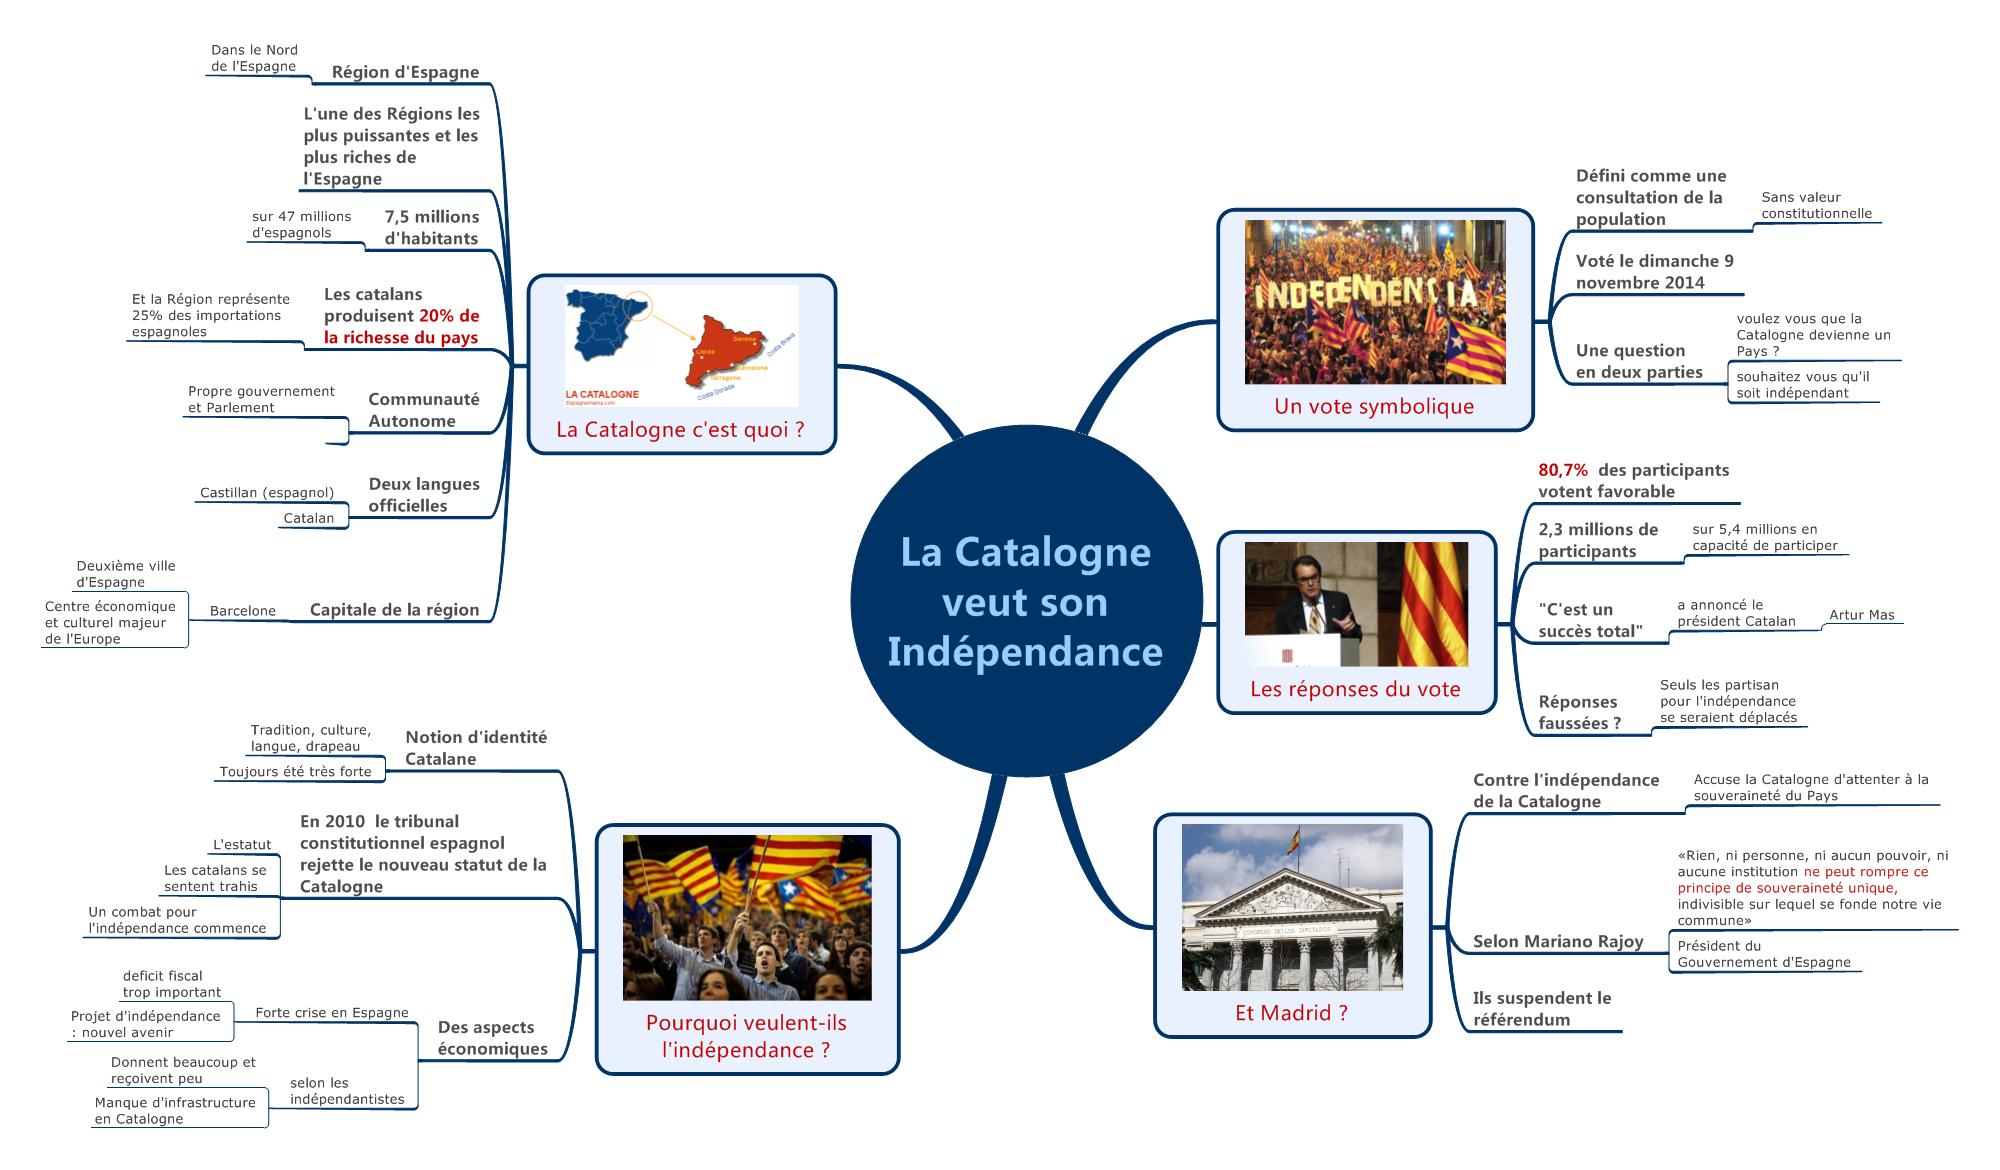 #ActuMapping – La Catalogne veut son indépendance